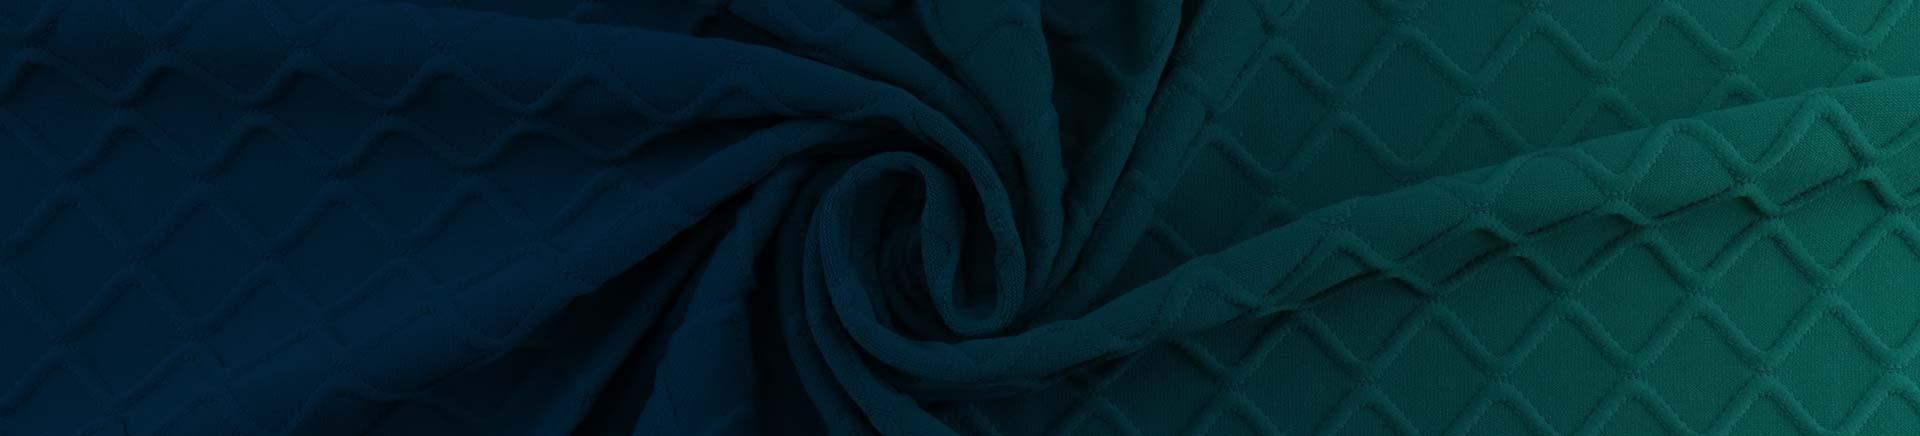 Jerseystoffe kaufen | JAVRO Stoffmarkt